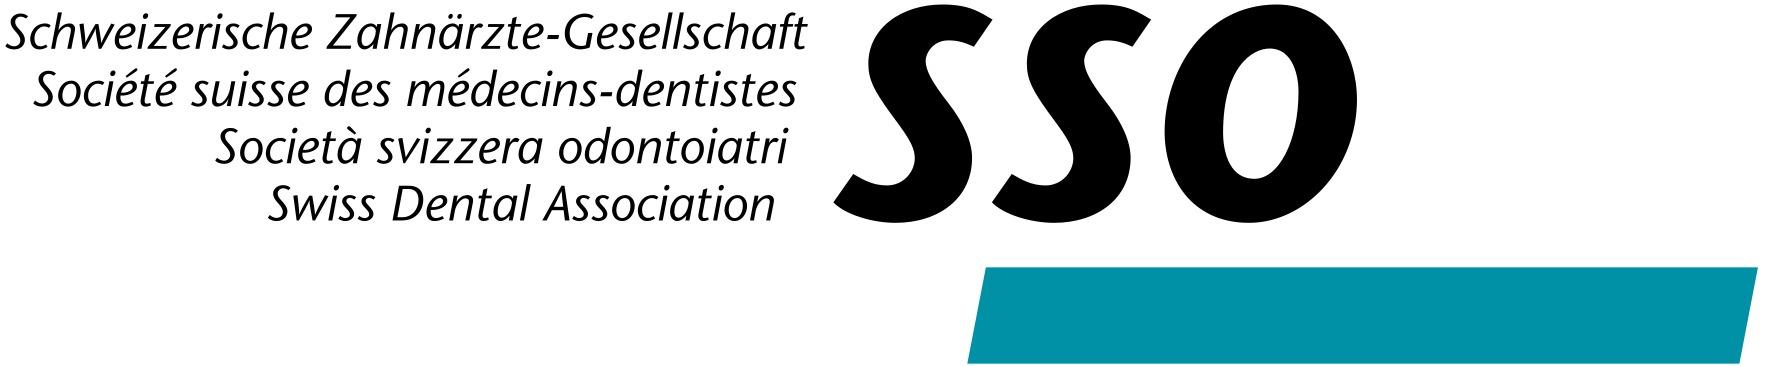 Logo_SSO.jpg